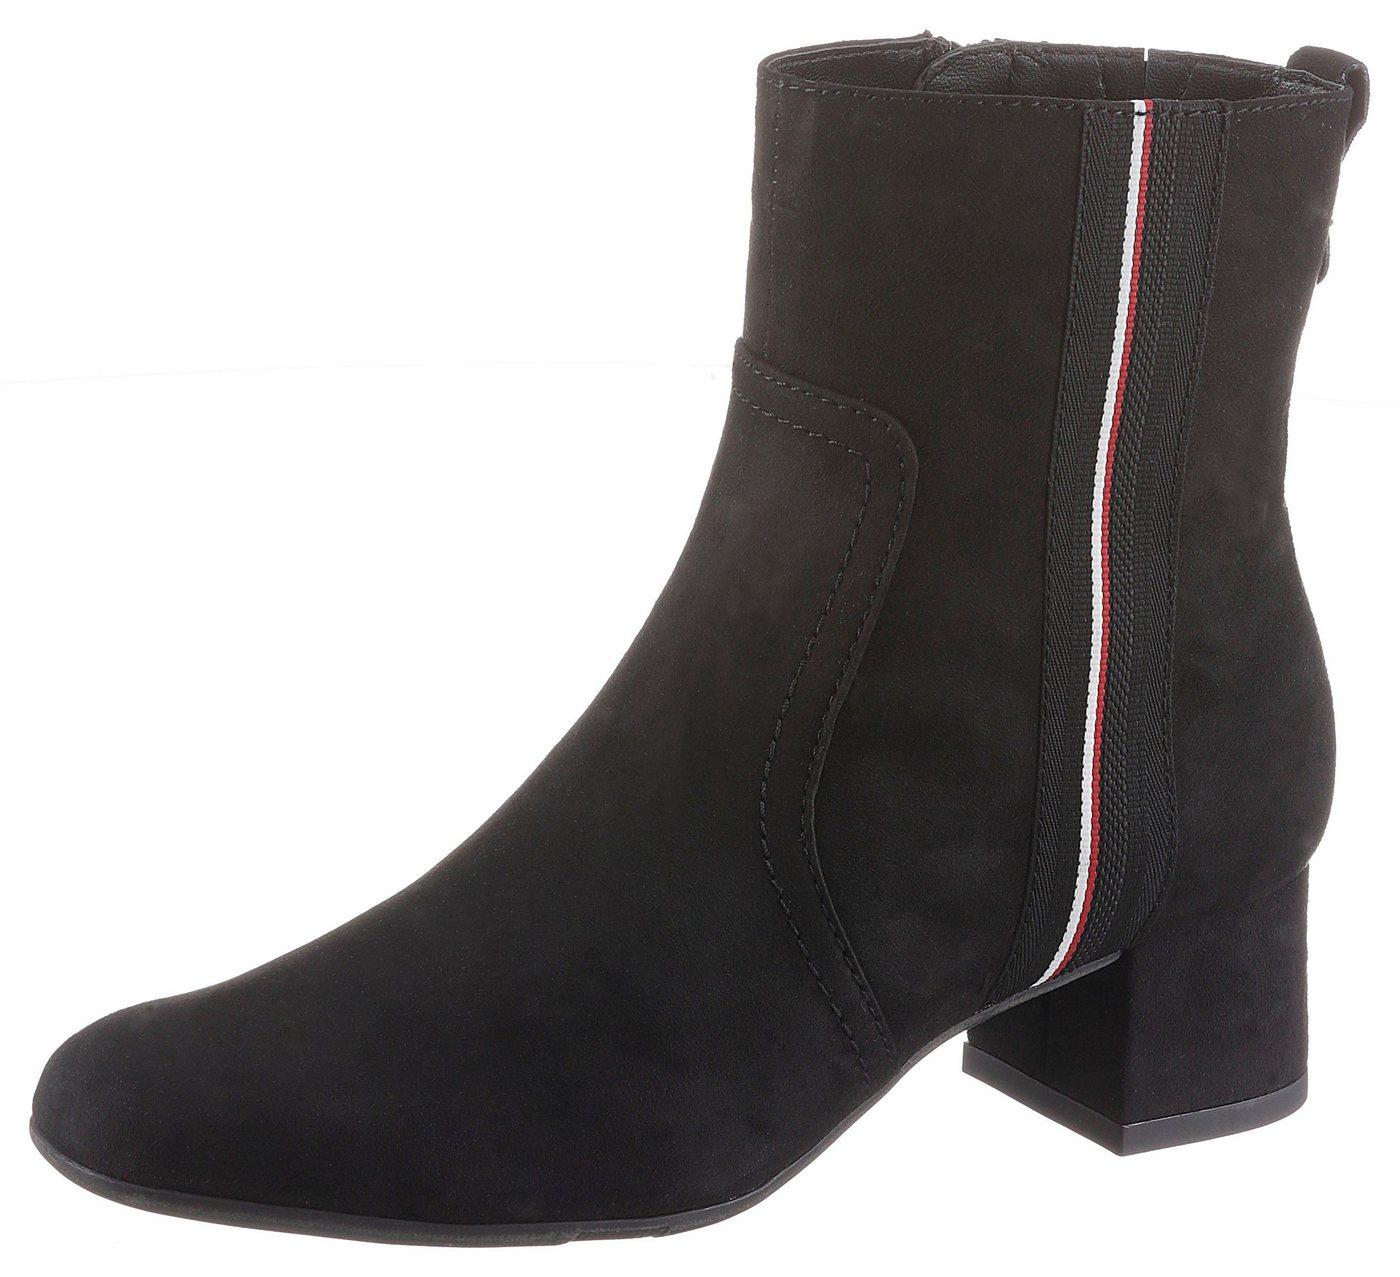 Damen Jana Stiefelette in bequemer Schuhweite G (weit) schwarz  Damen Stiefeletten